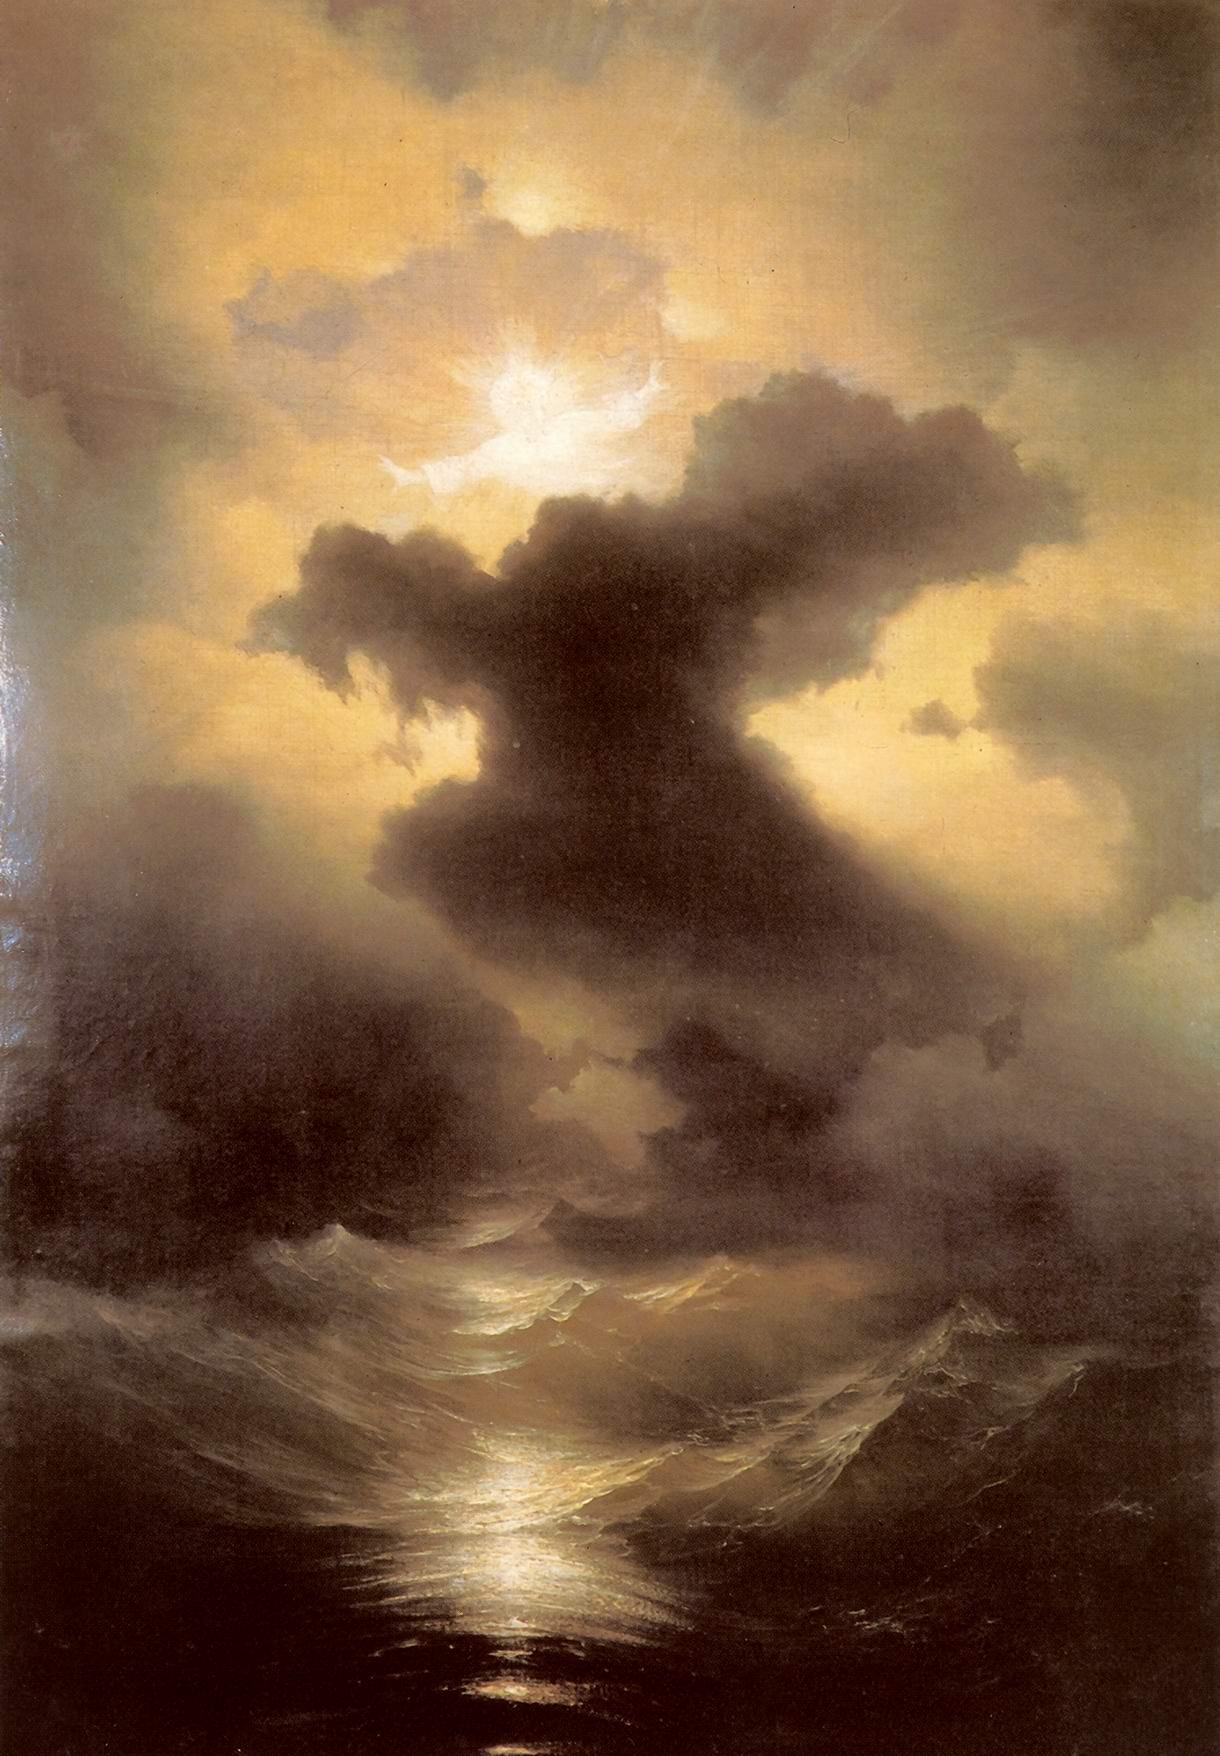 Хаос. Сотворение мира. Иван Айвазовский, 1841